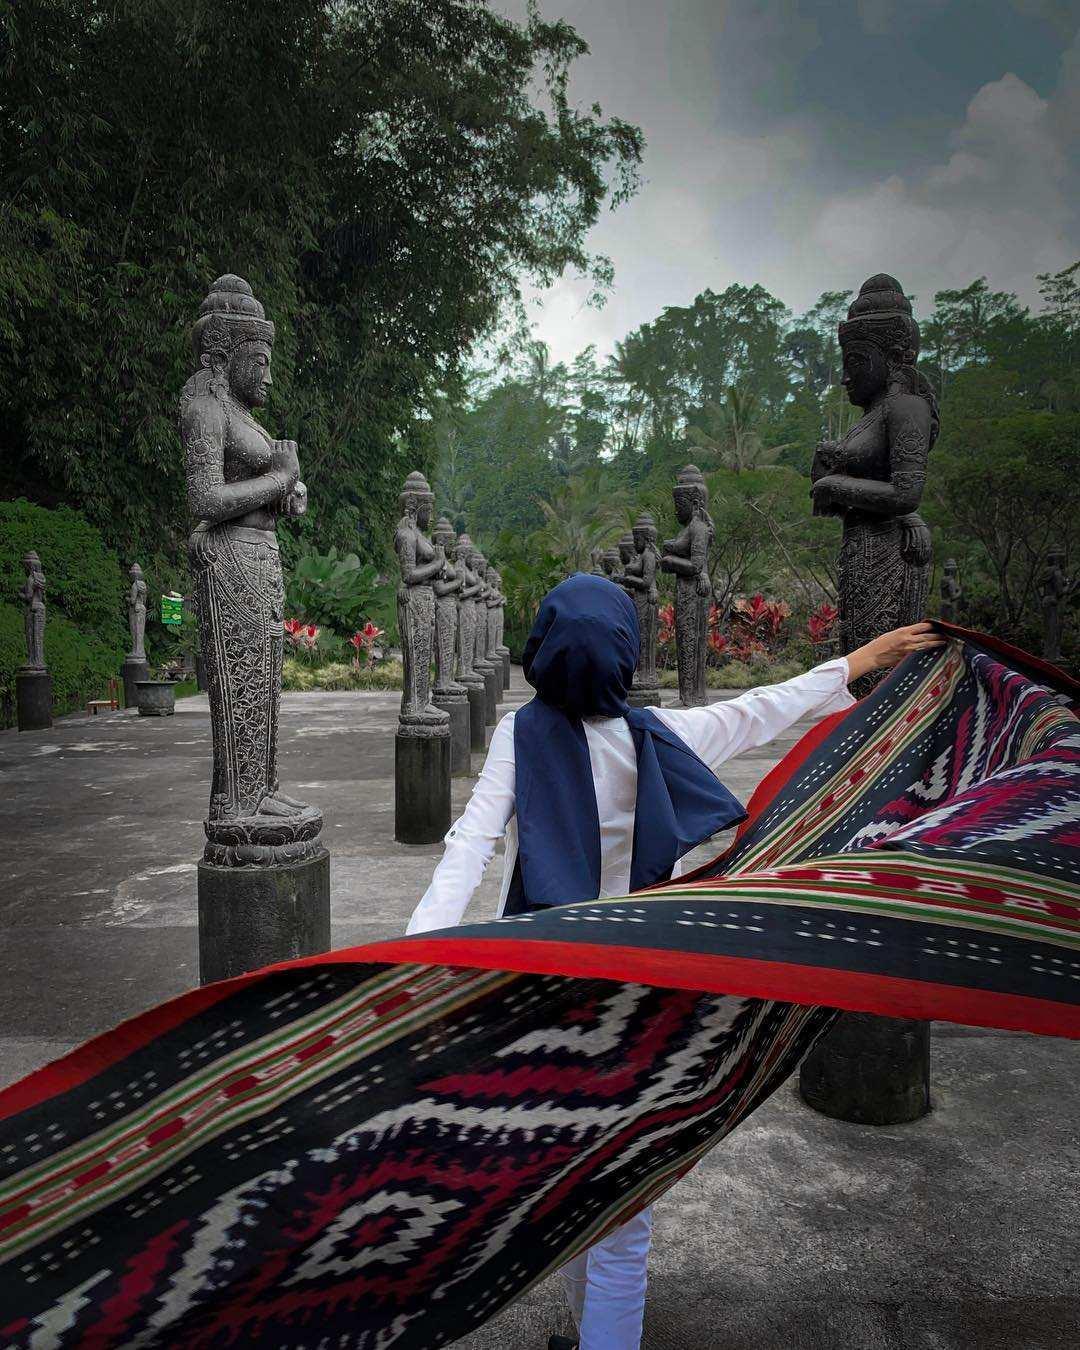 Patung di Lembah Tumpang Malang, Images From @sonydewantara@maymaya13